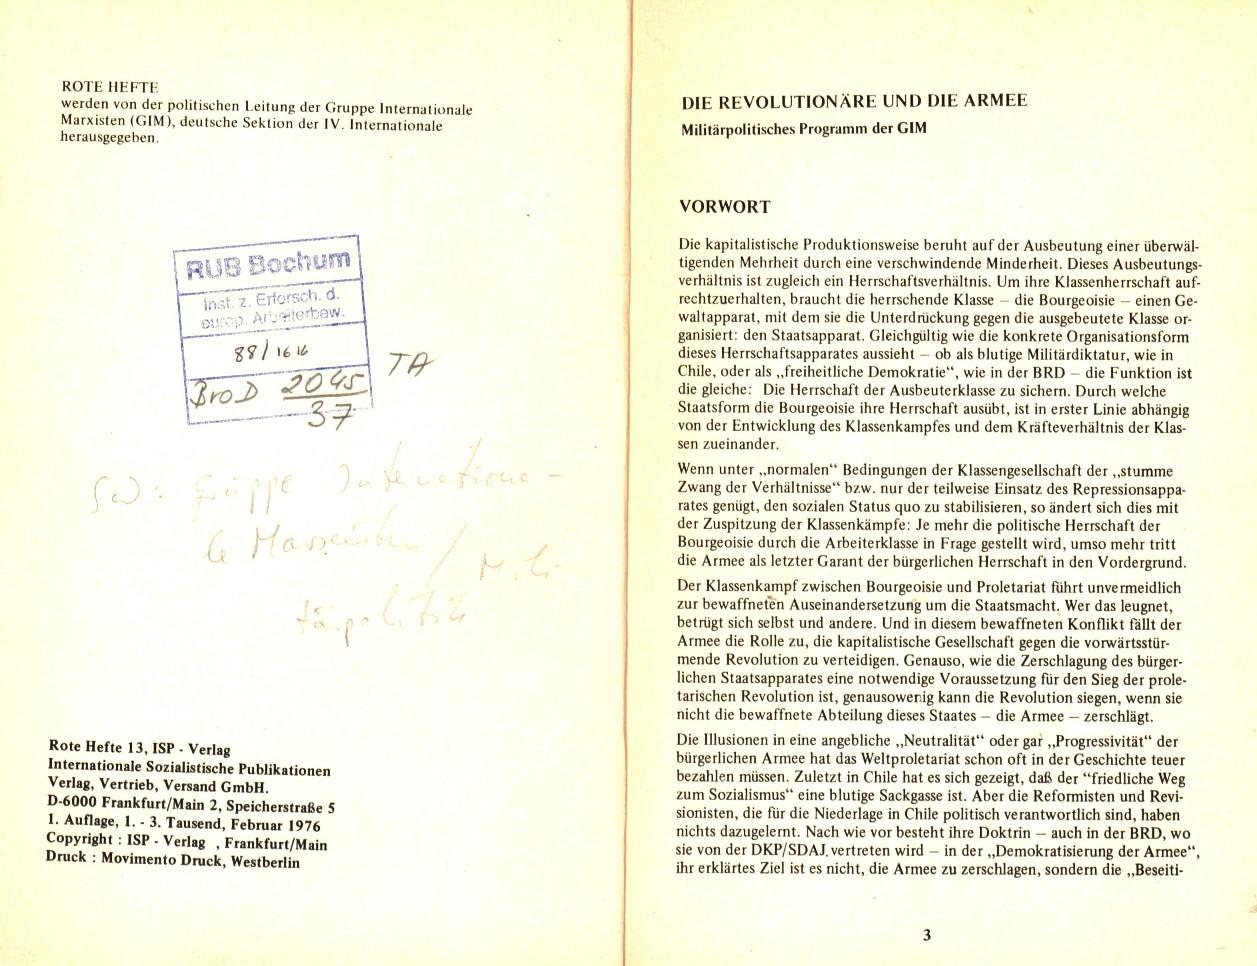 GIM_1976_Militaerpolitisches_Programm_03